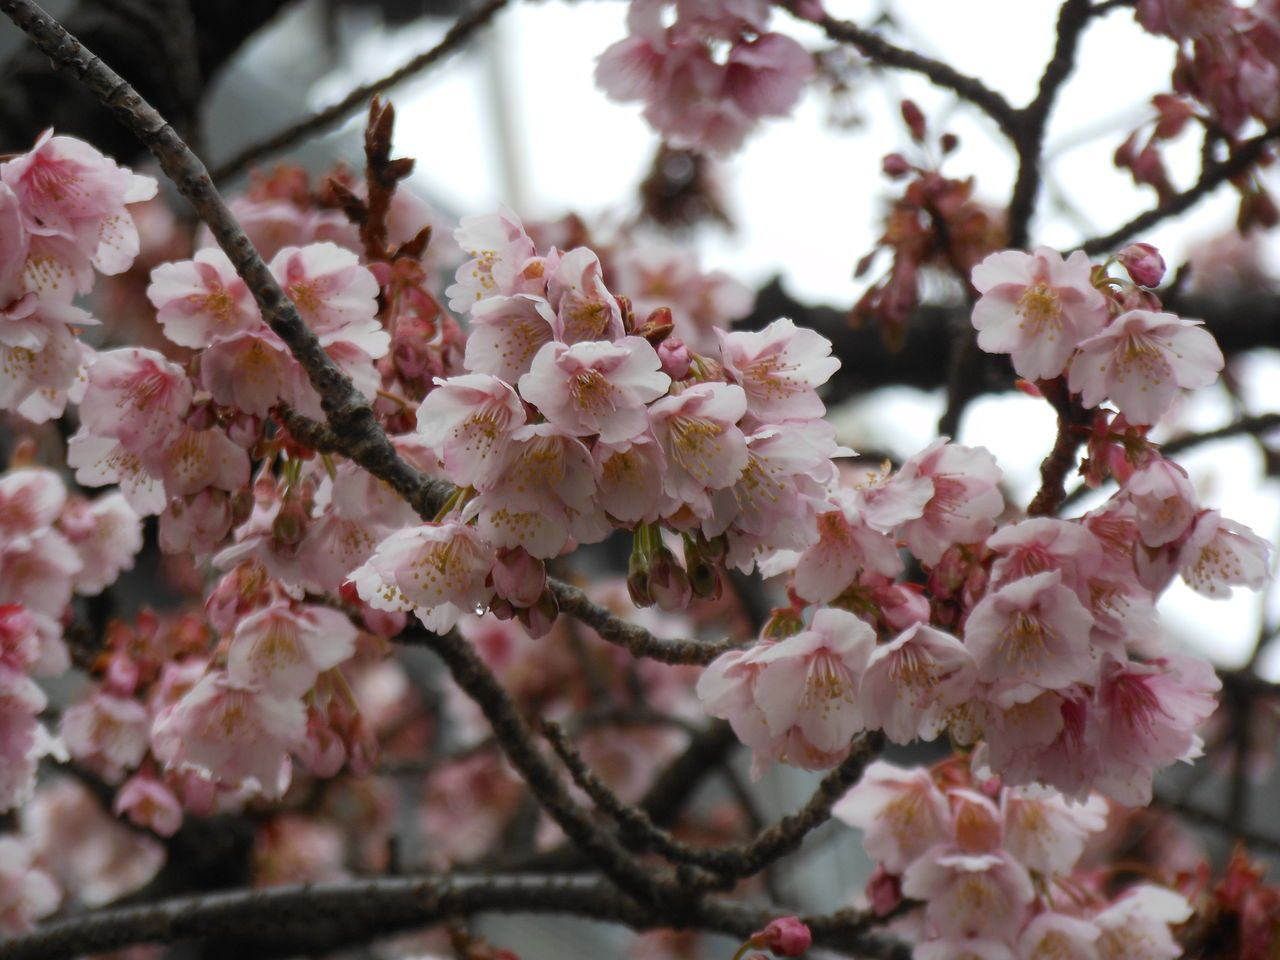 本州で最も早く咲く桜「あたみ桜」で春を先取り